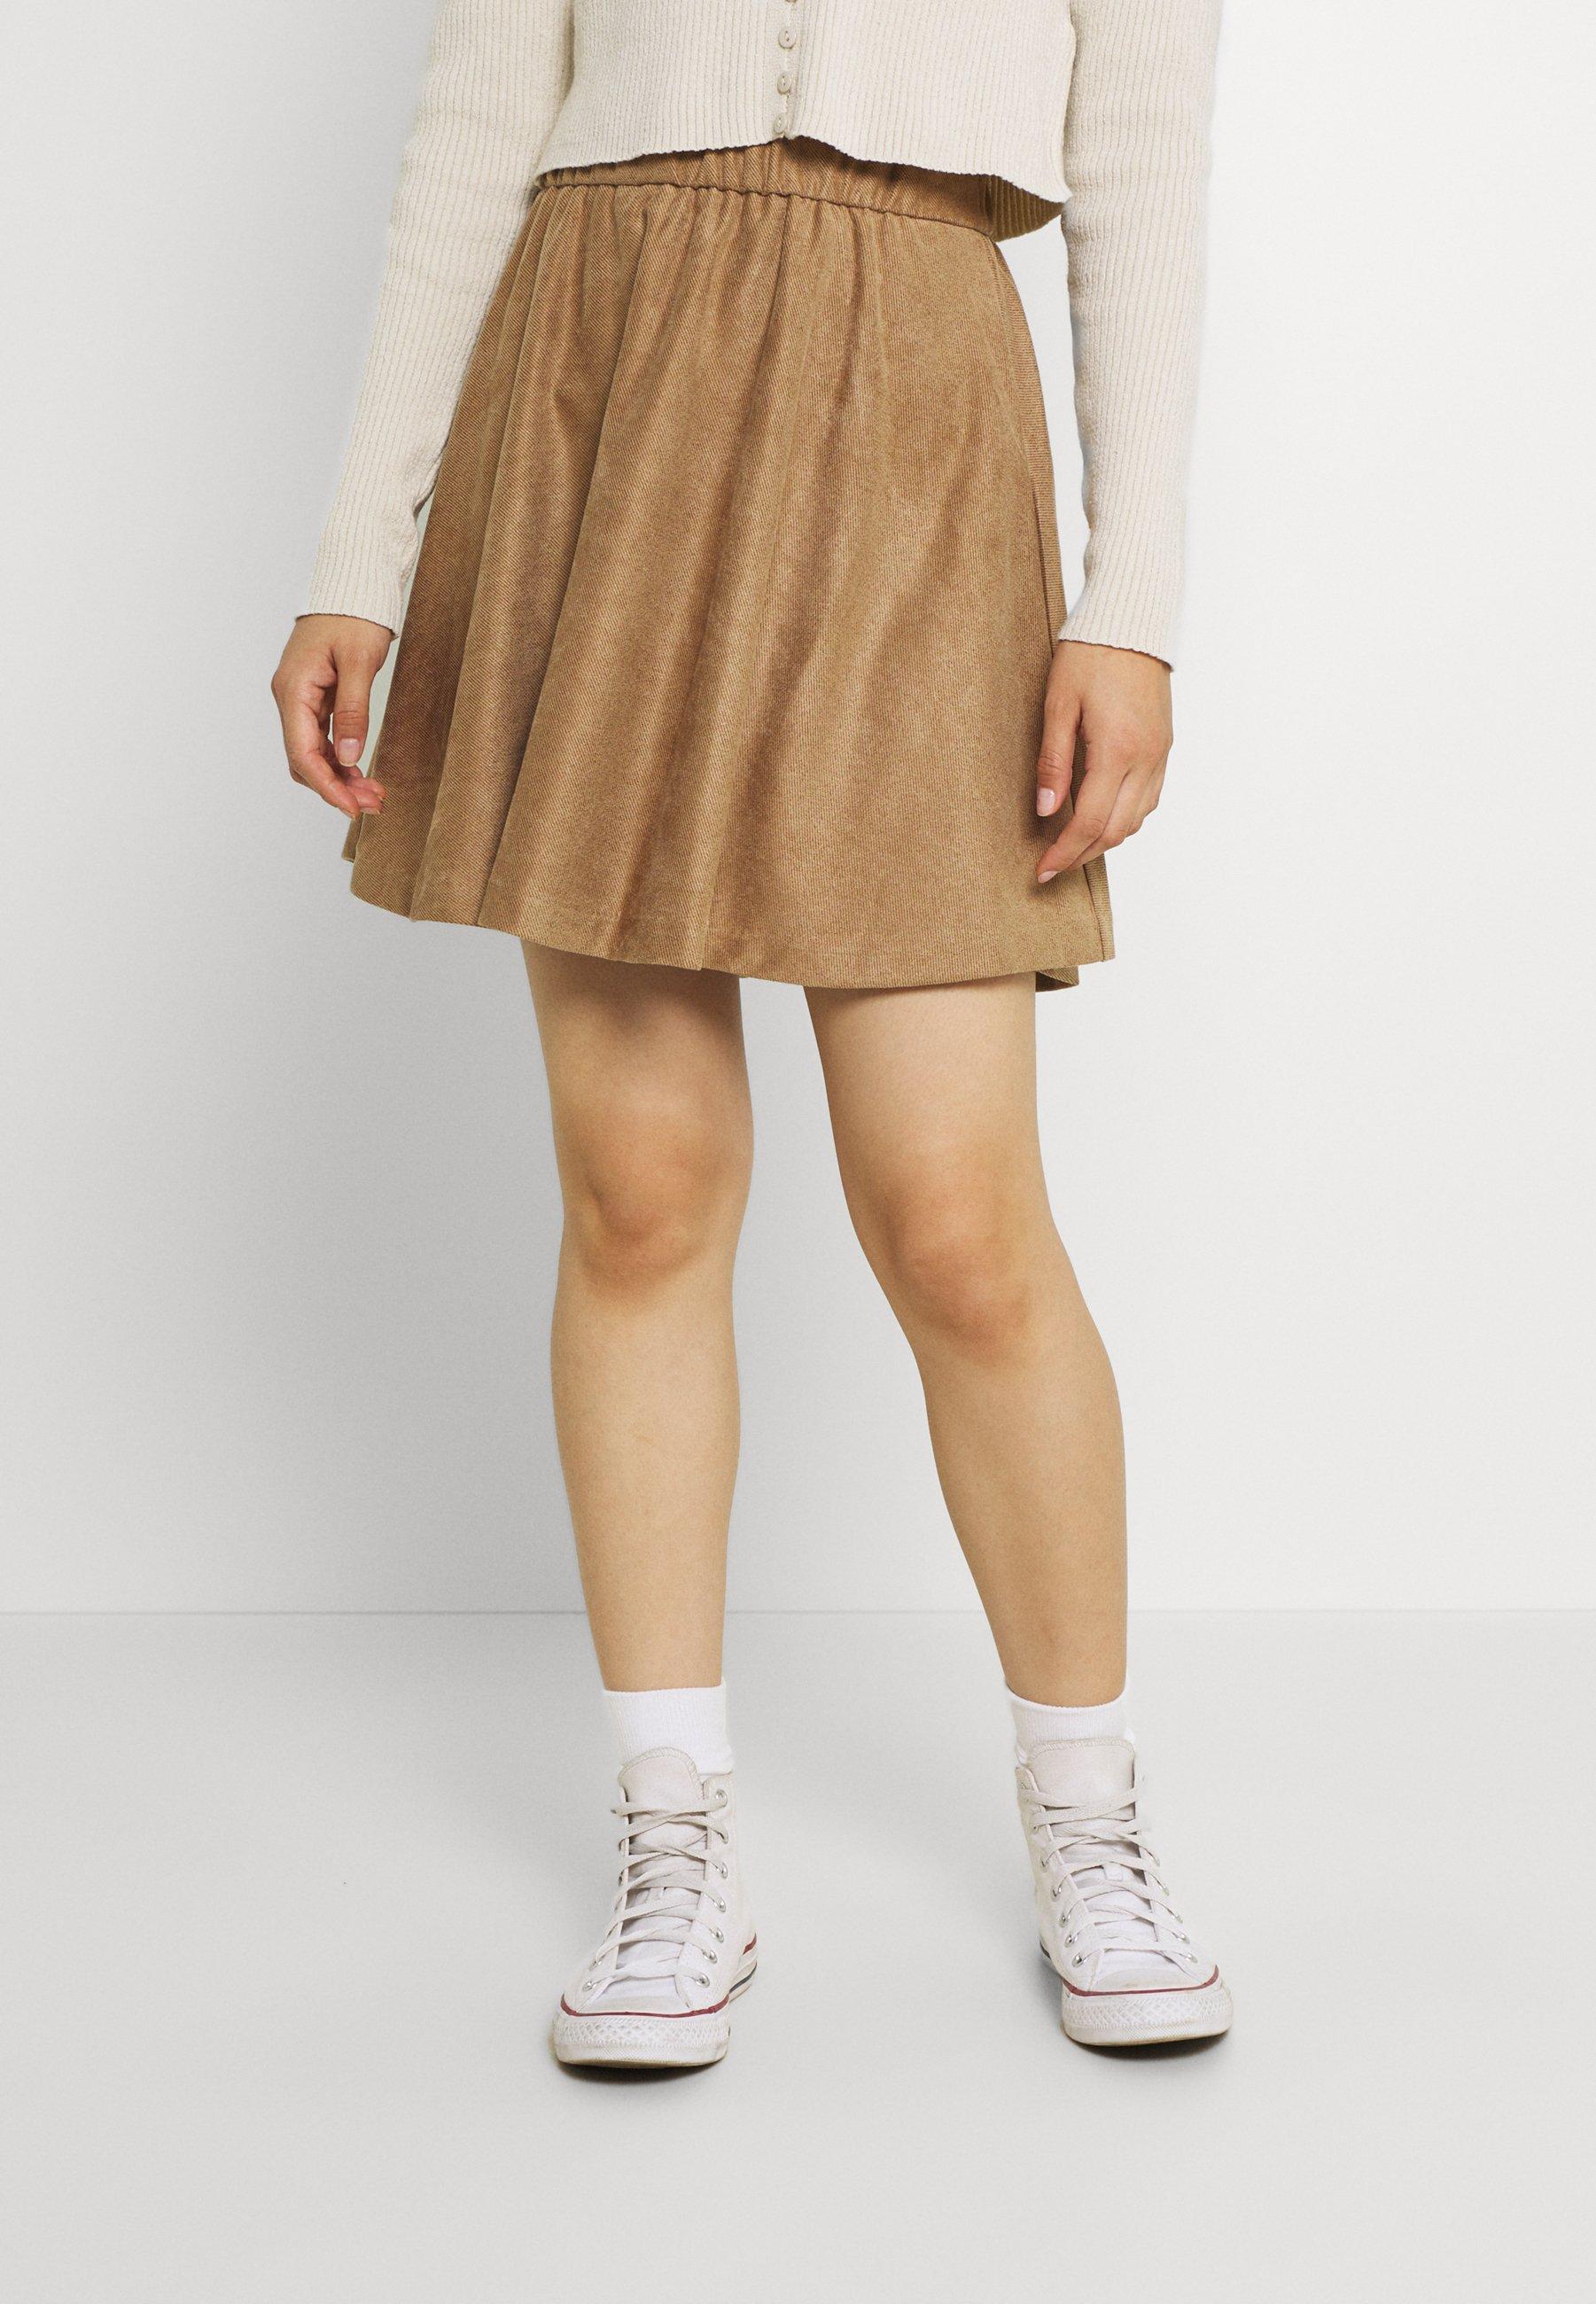 Femme VISUDA SKATER SKIRT - Minijupe